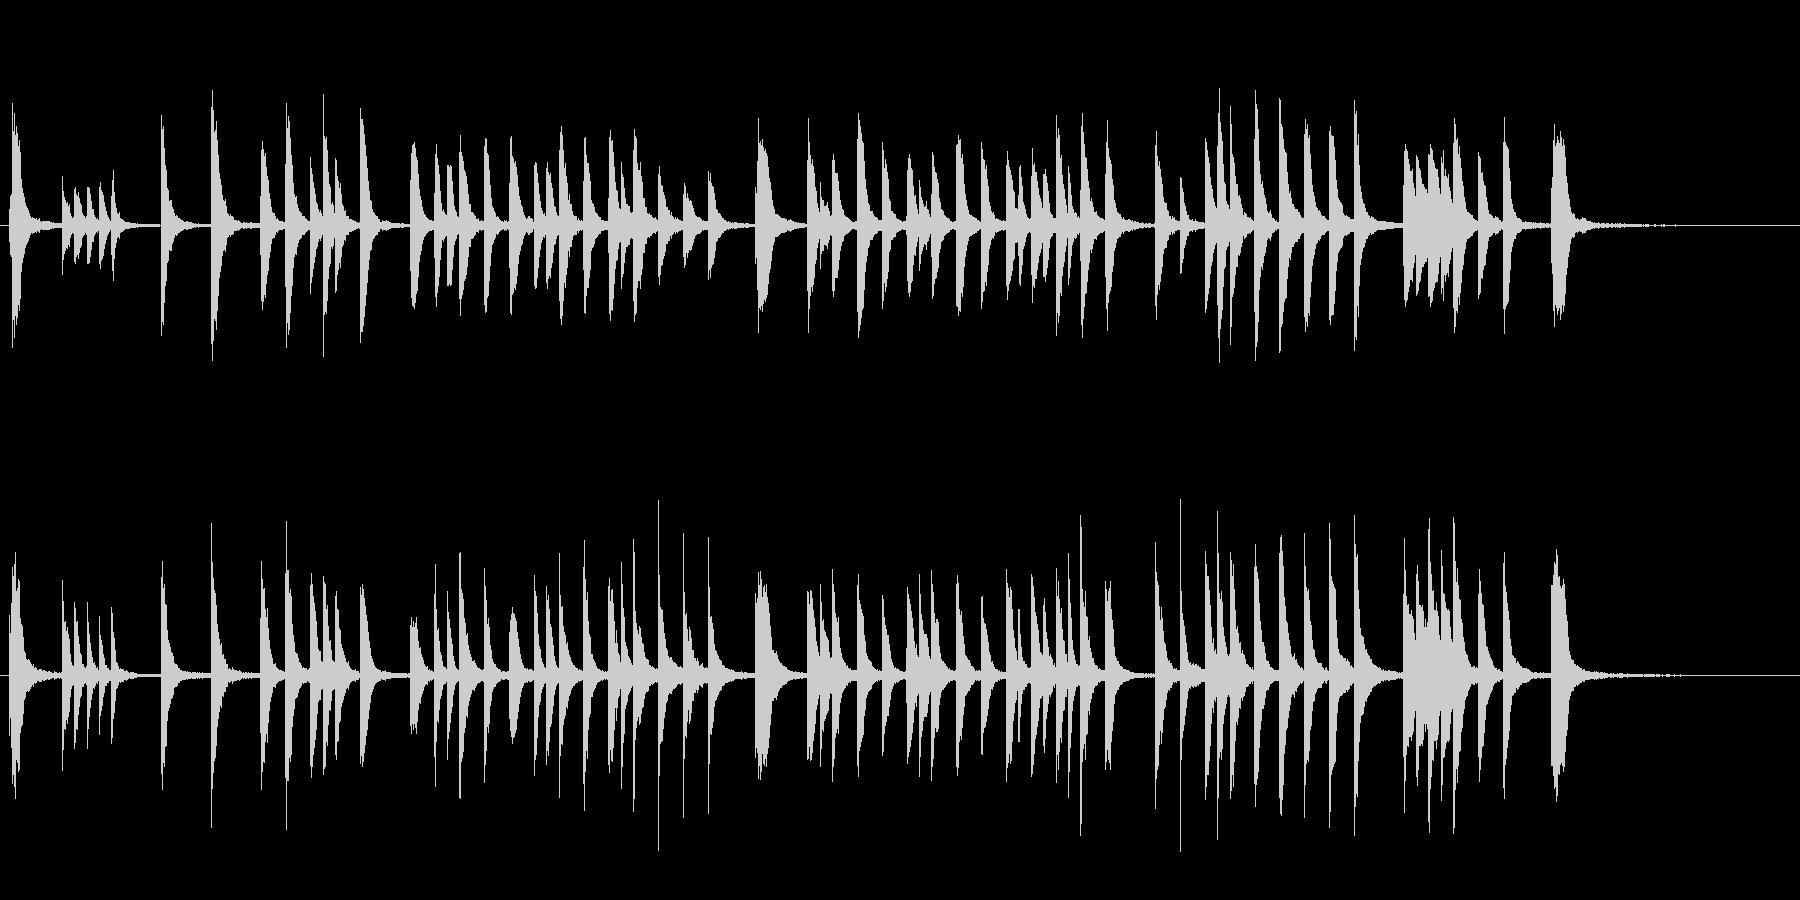 かわいい ほのぼの Eテレ風 ピアノ曲の未再生の波形